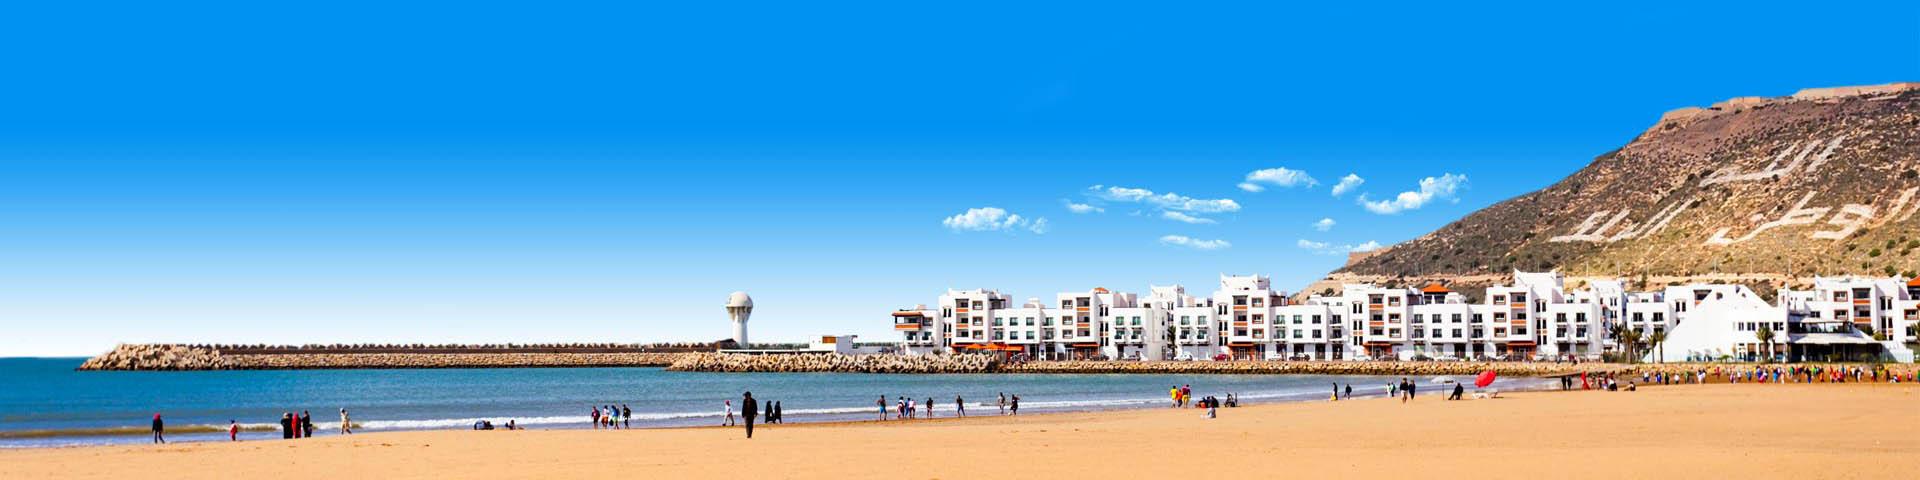 Het uitzicht op het strand, de zee en hotels in Agadir